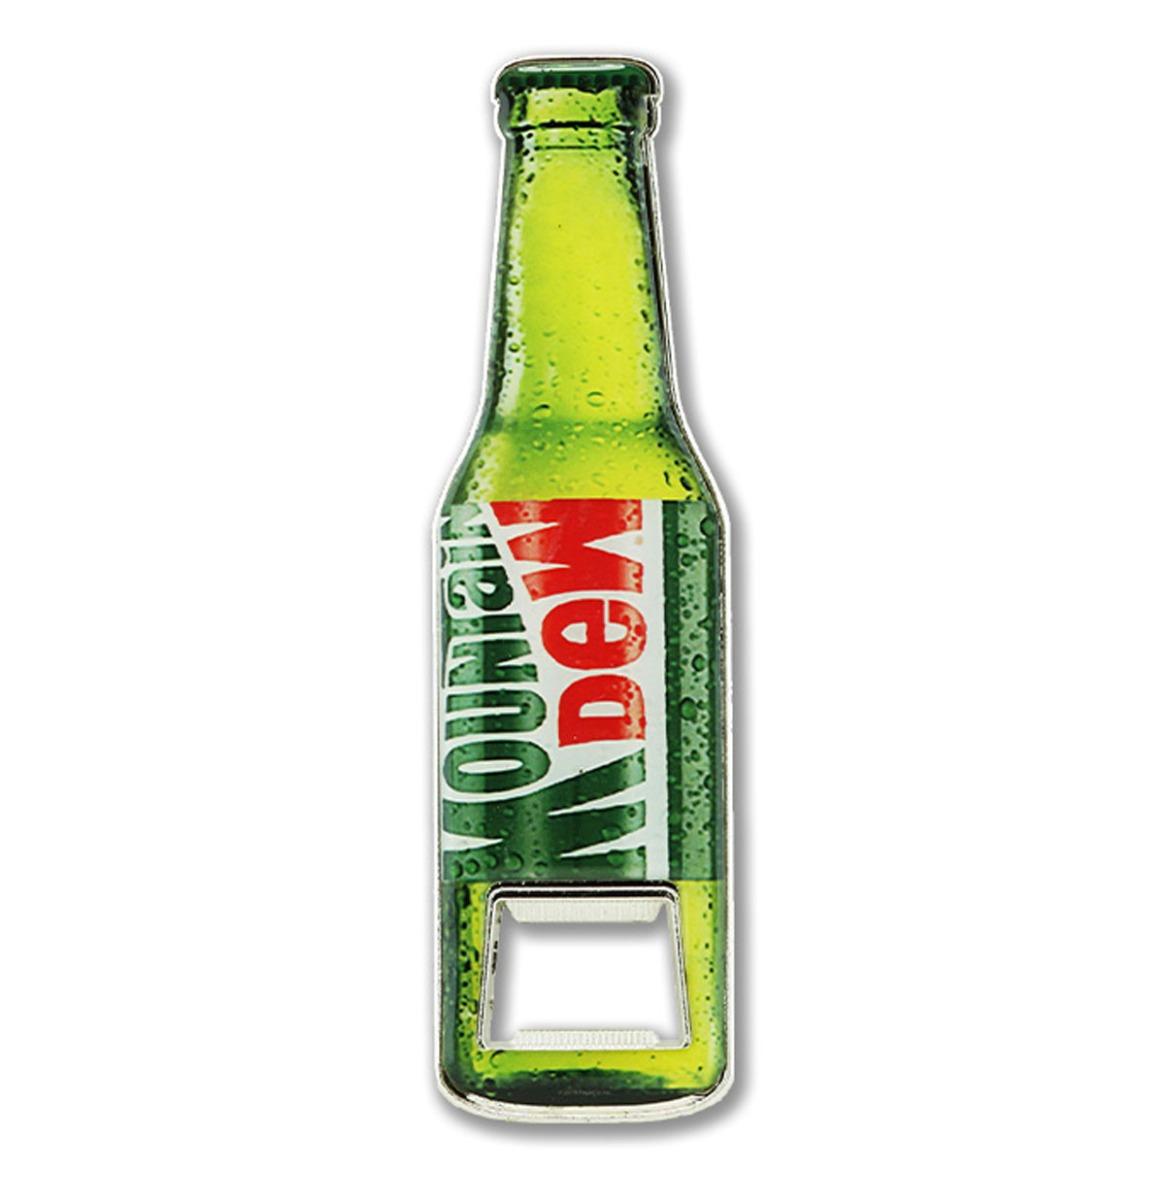 Mountain Dew - Bottle Opener - Ongeveer 12 x 3,5 cm